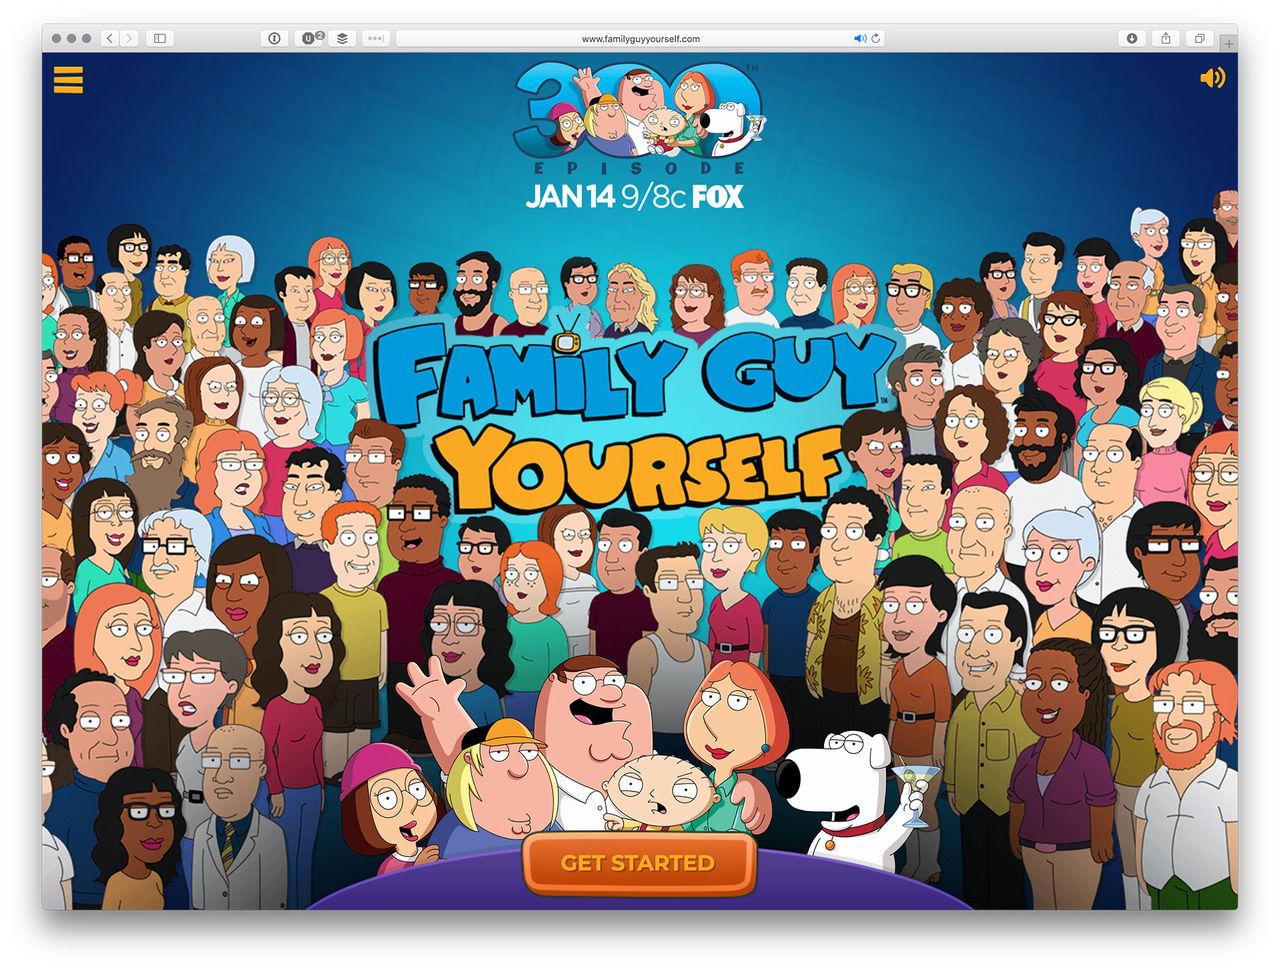 Gör dig själv i Family Guy-stil